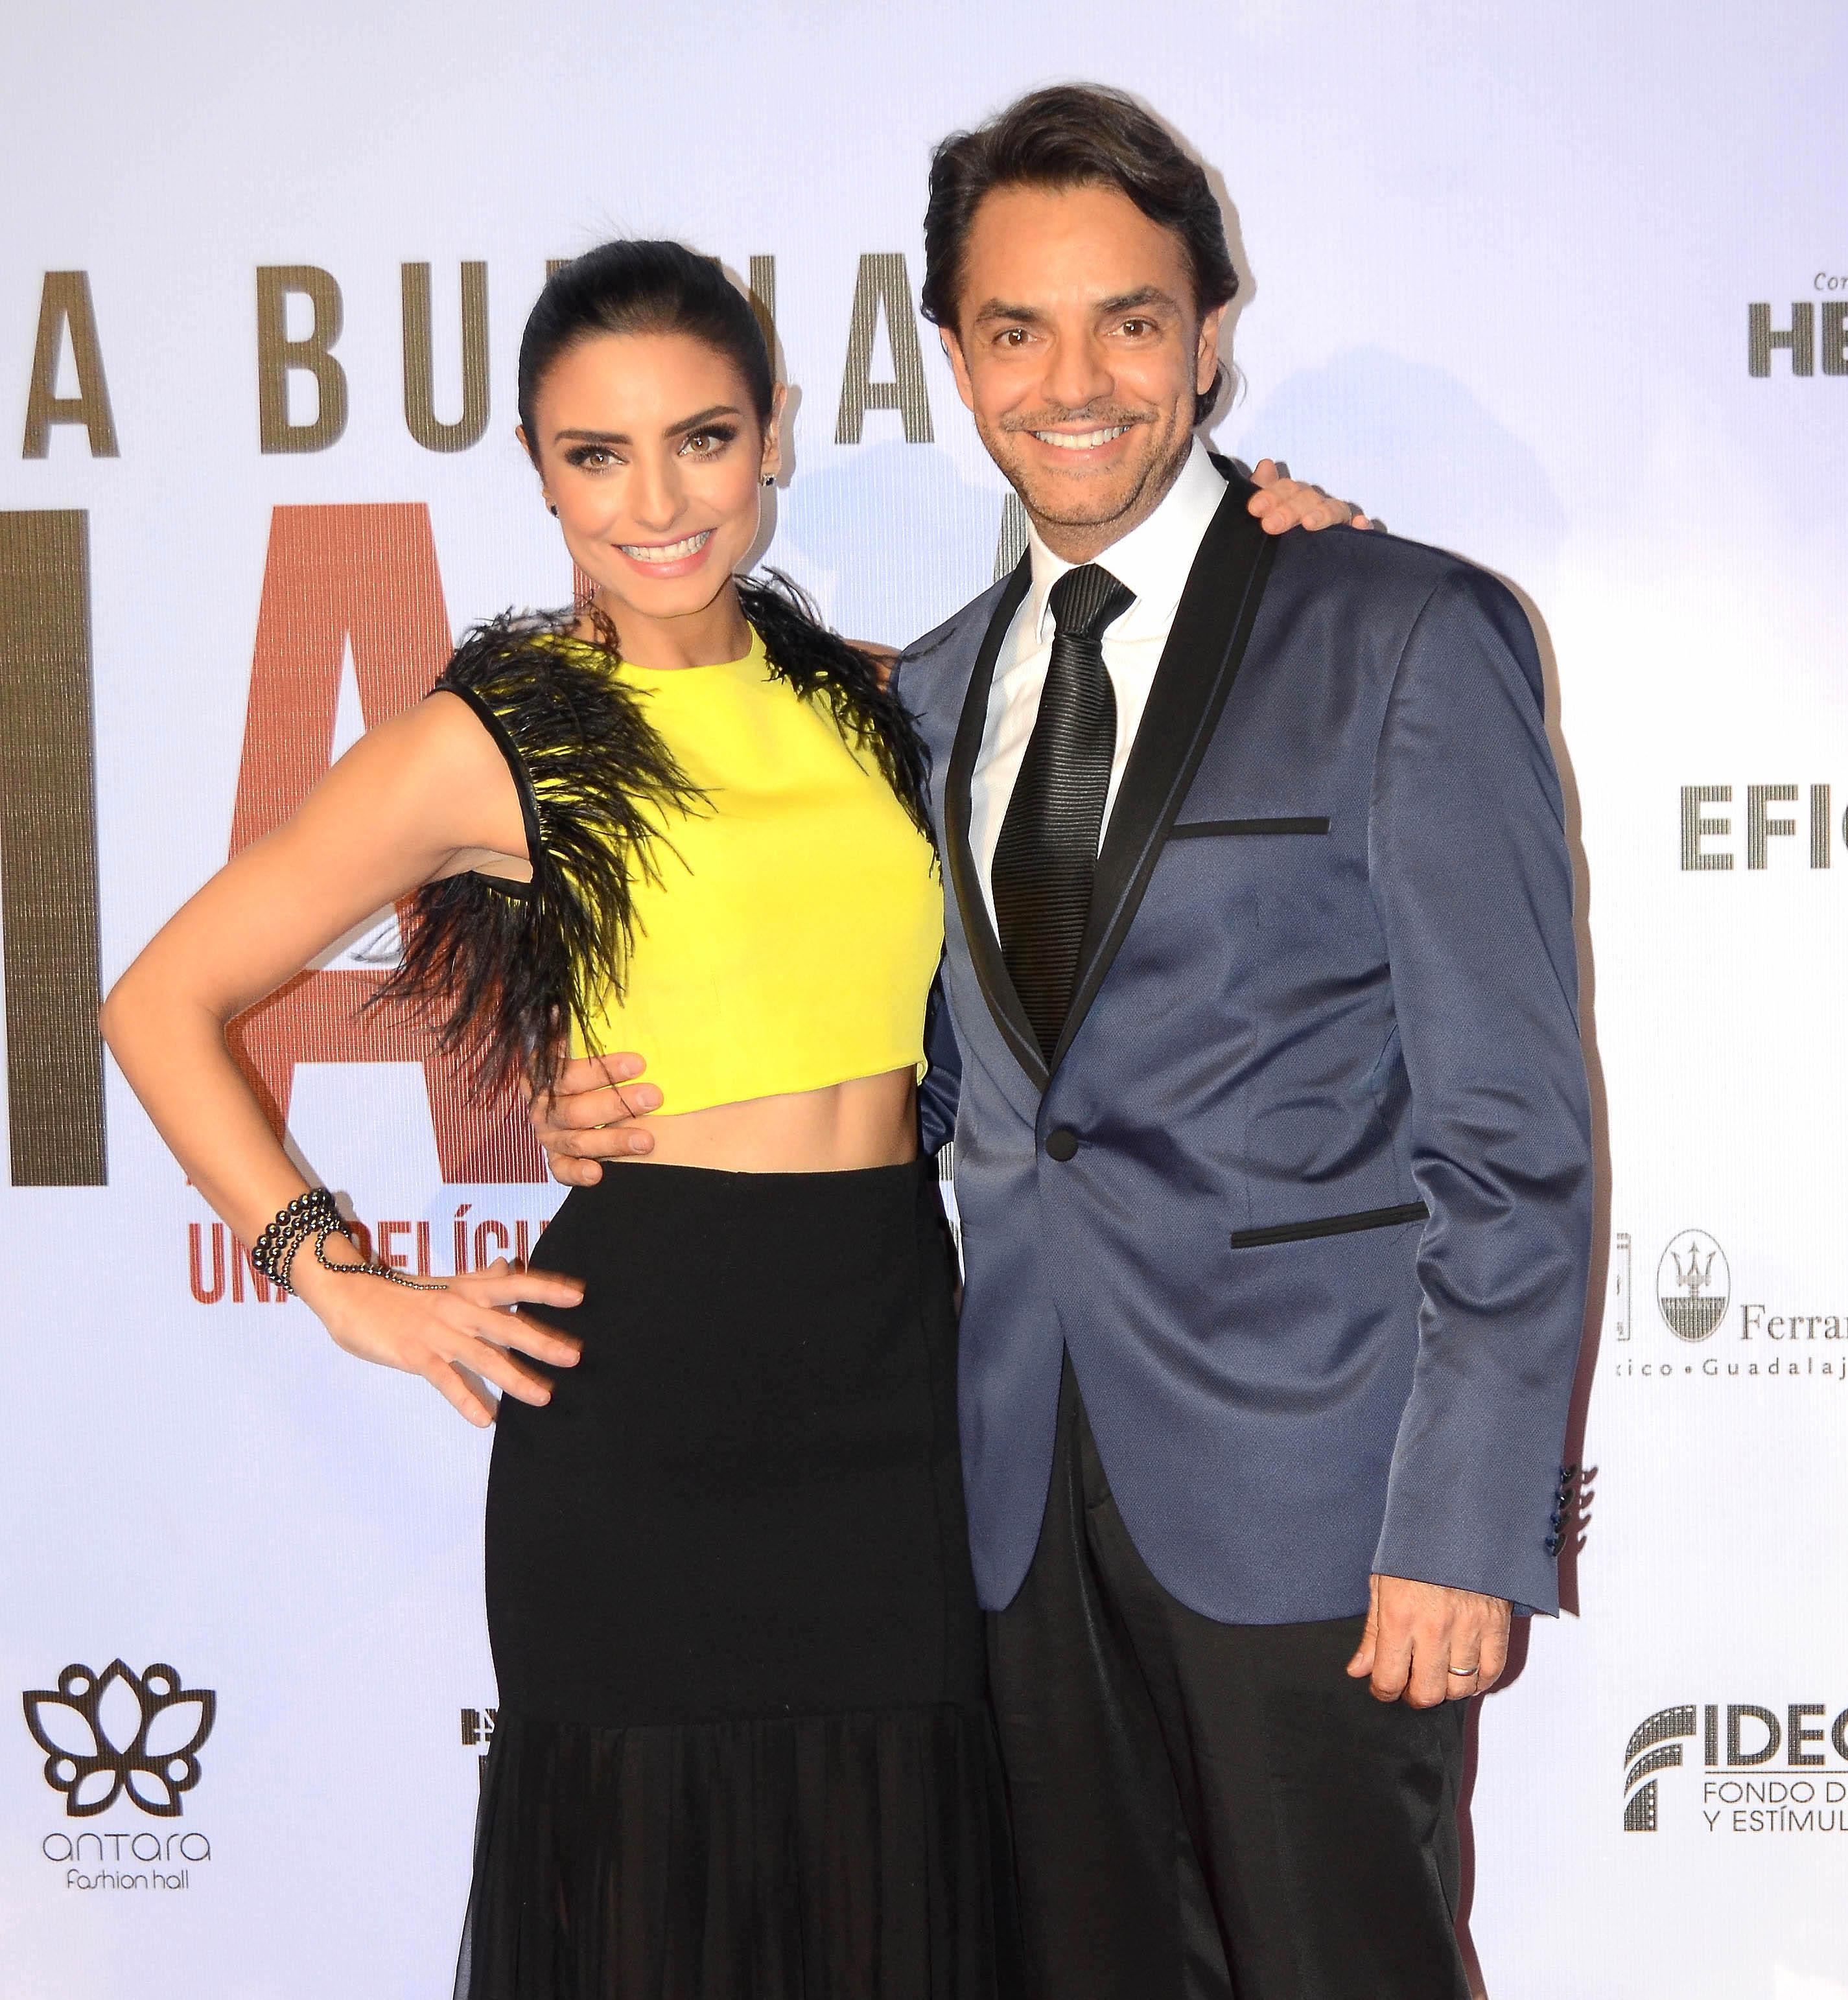 Aseguran que Eugenio Derbez pagó la boda de su hija ...